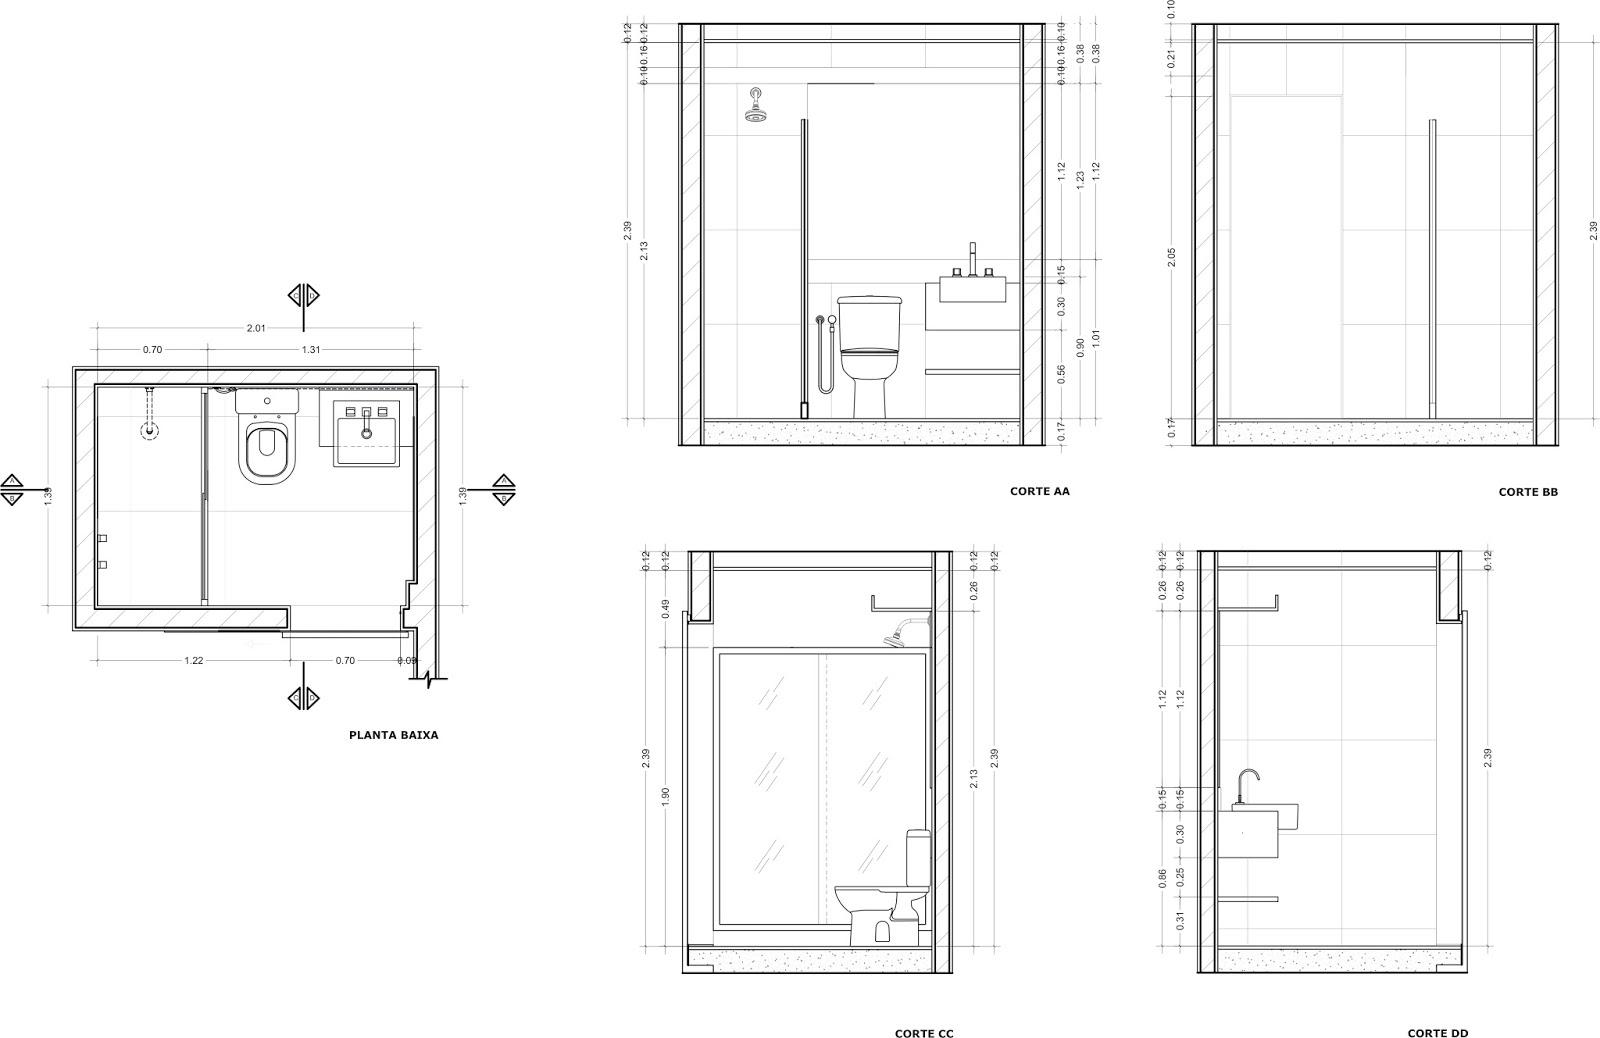 Planta De Banheiro E Closet  cgafghanscom banheiros pequenos e modernos -> Planta Baixa De Banheiro Com Banheira E Closet